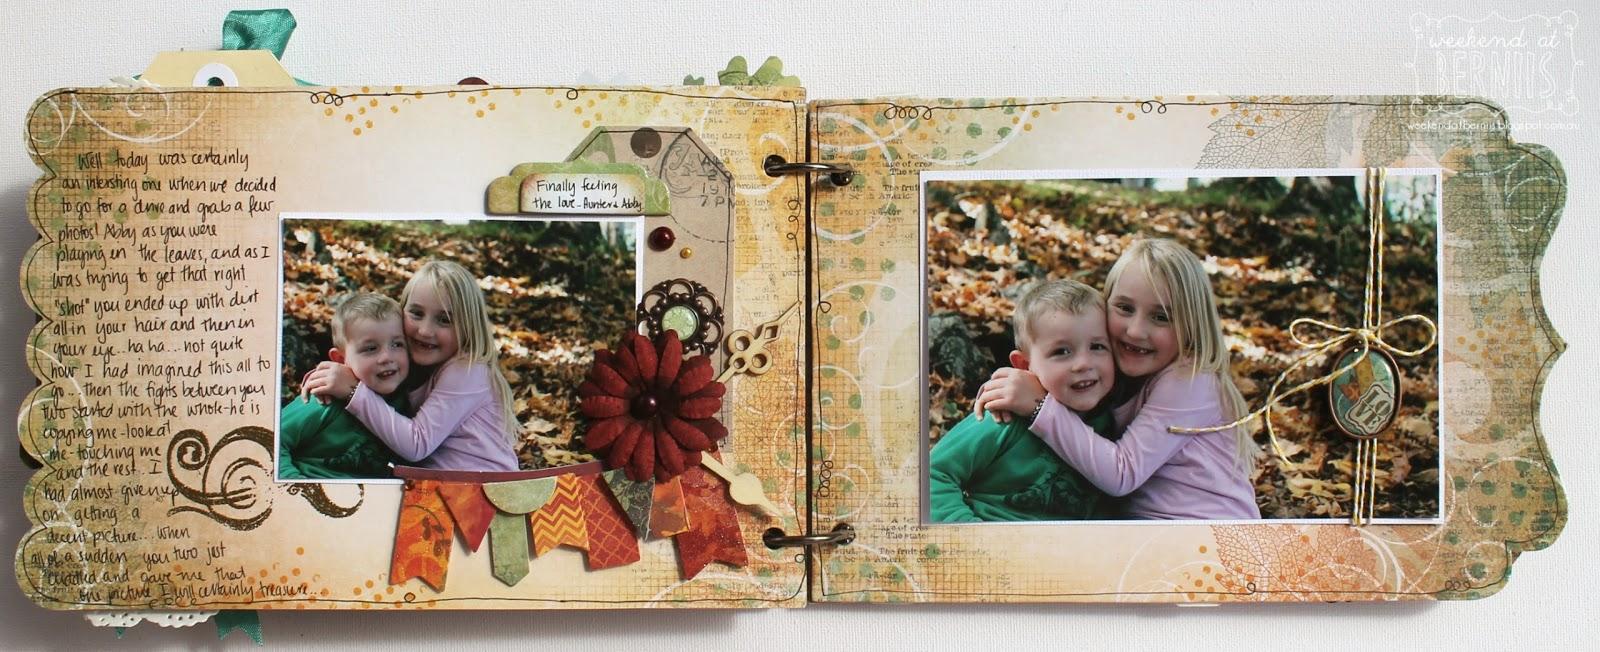 Bernii Miller Autumn Song Mini Album